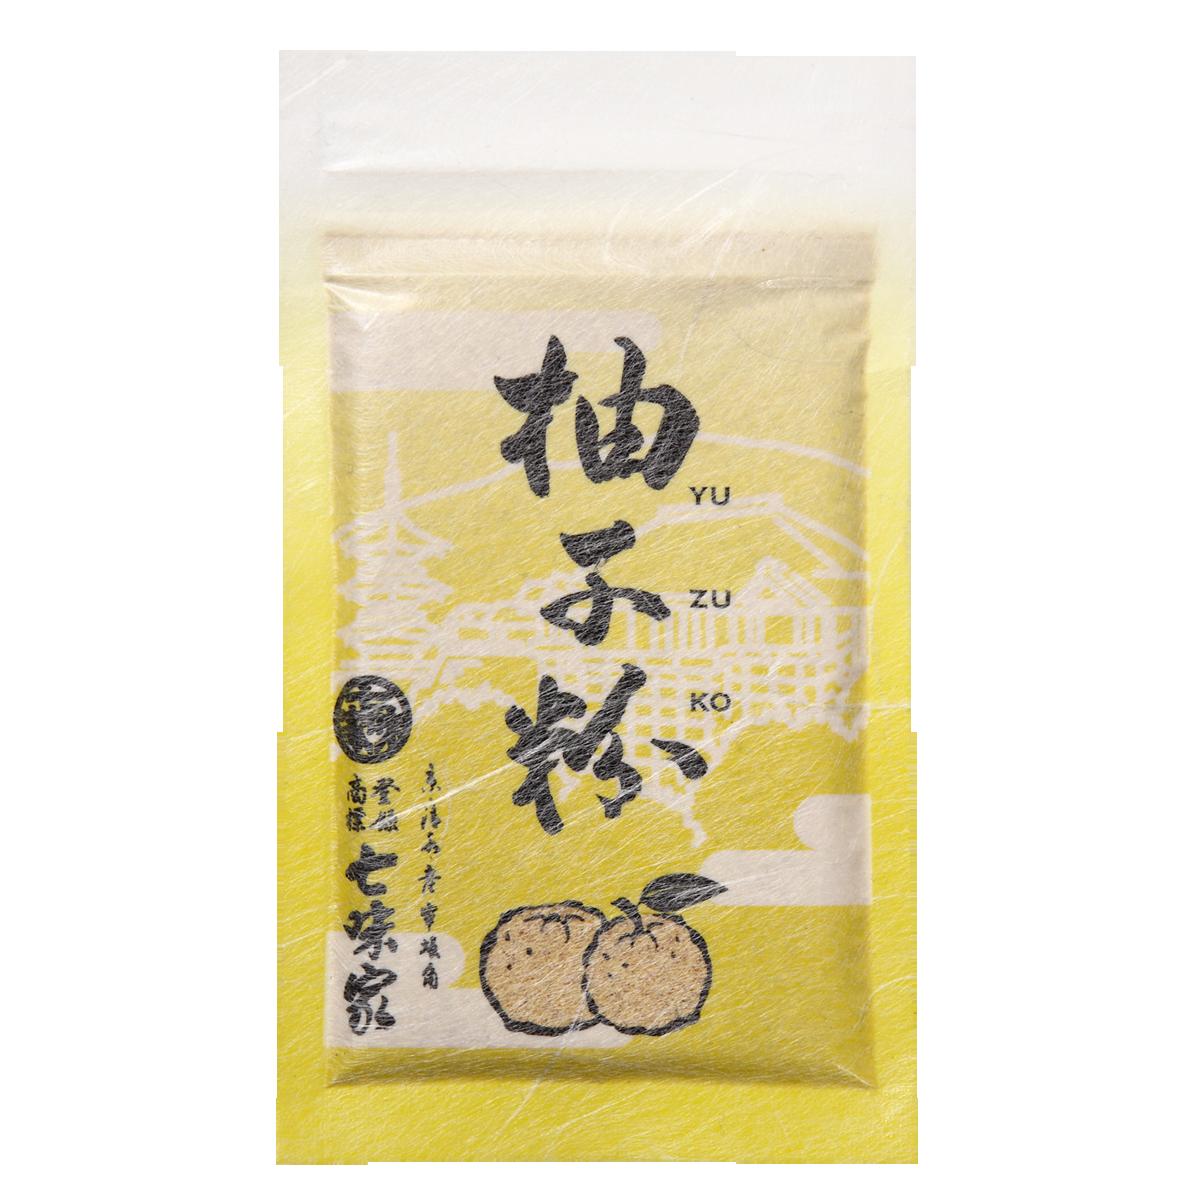 ゆず粉袋(15g)